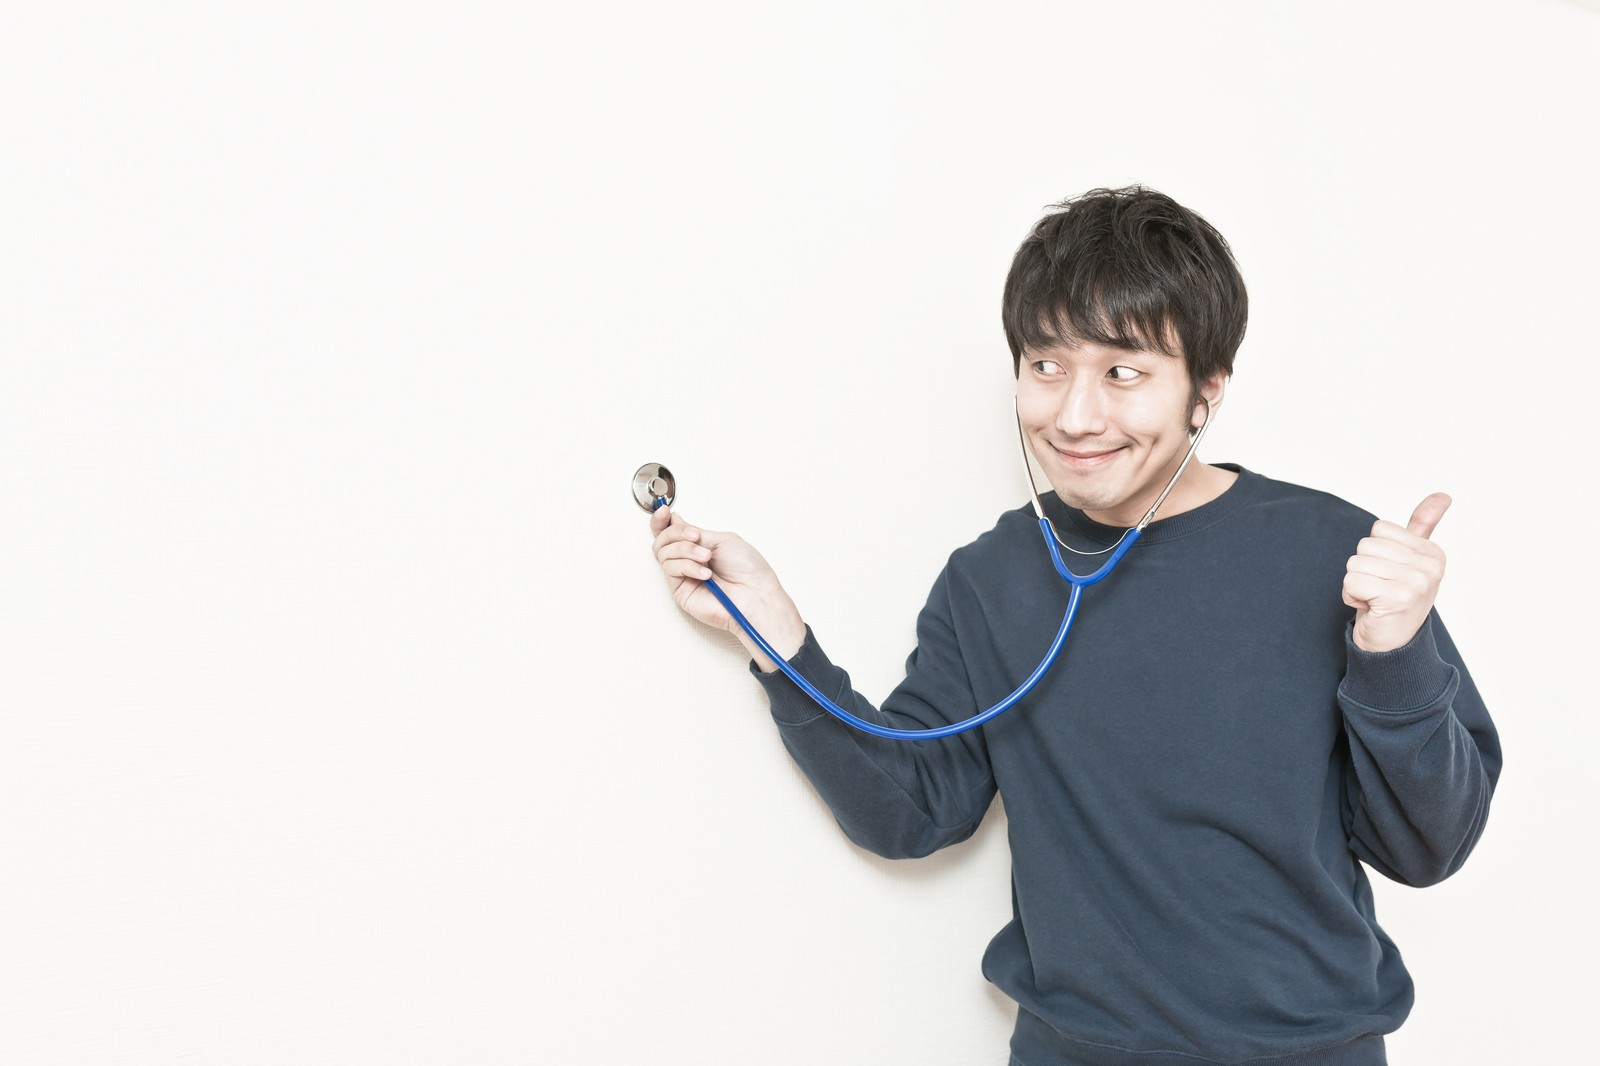 壁に聴診器を当てて、確かな手ごたえを感じる男性のフリー素材